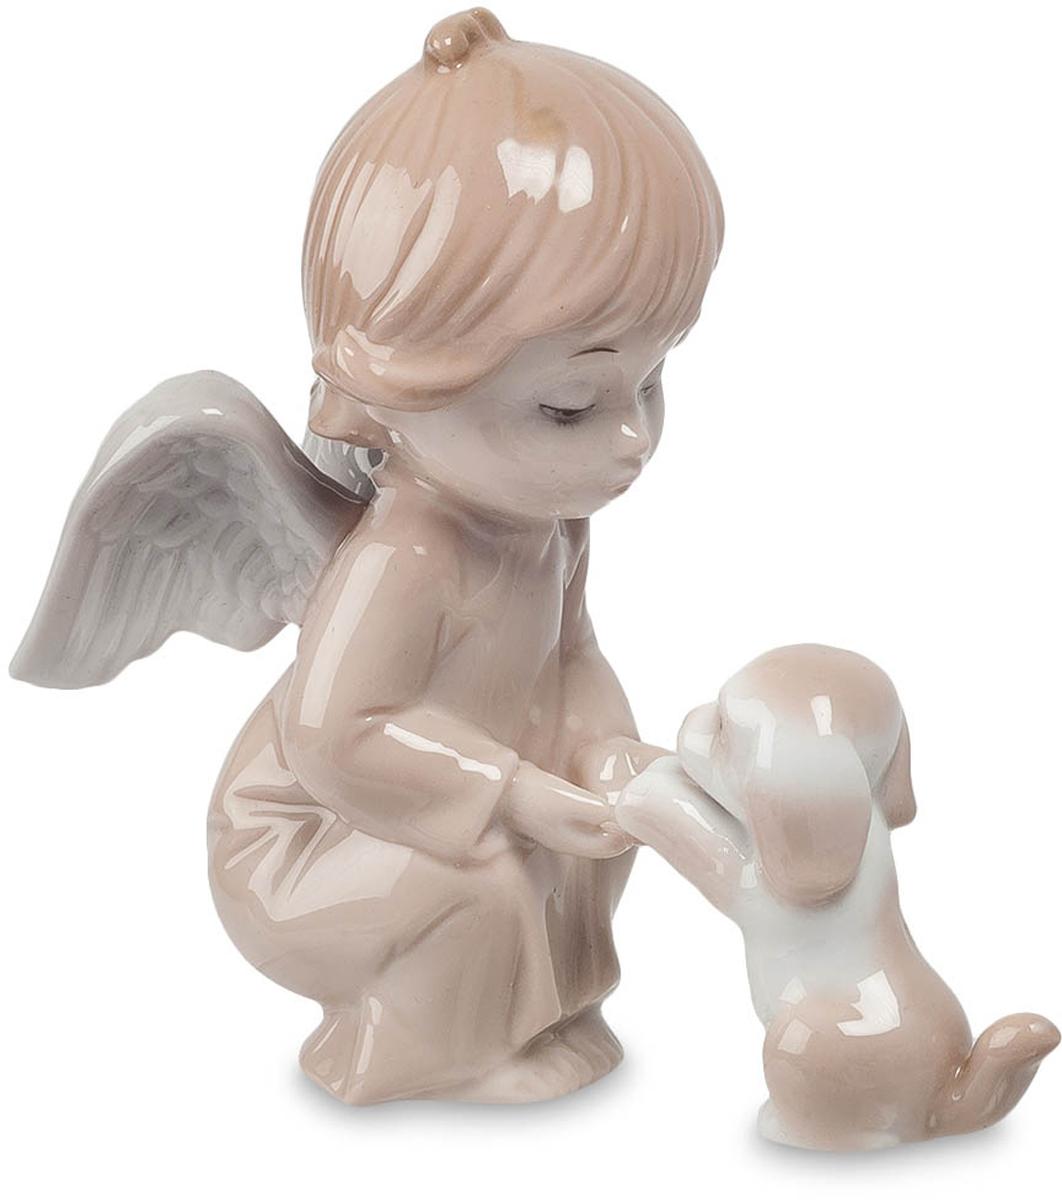 Фигурка декоративная Pavone Ангел, высота 10,5 смJP-05/10Декоративная фигурка Pavone Ангел в виде ангелочка изготовлена из глазурованного фарфора. Нова - покровительница животных. Она оберегает их и всячески им помогает. Самые святые существа - это маленькие ангелочки. Они чистые и телом и своей маленькой искренней душой. Эта статуэтка станет украшением любой коллекции и, несомненно, понравится, как детишкам, так и взрослым. Все настолько продумано в этой фигурке, что она поражает всеми своими особенностями.Вы можете поставить украшение в любом месте, где оно будет удачно смотреться и радовать глаз. Кроме того, эта фигурка станет прекрасным подарком для близкого человека.